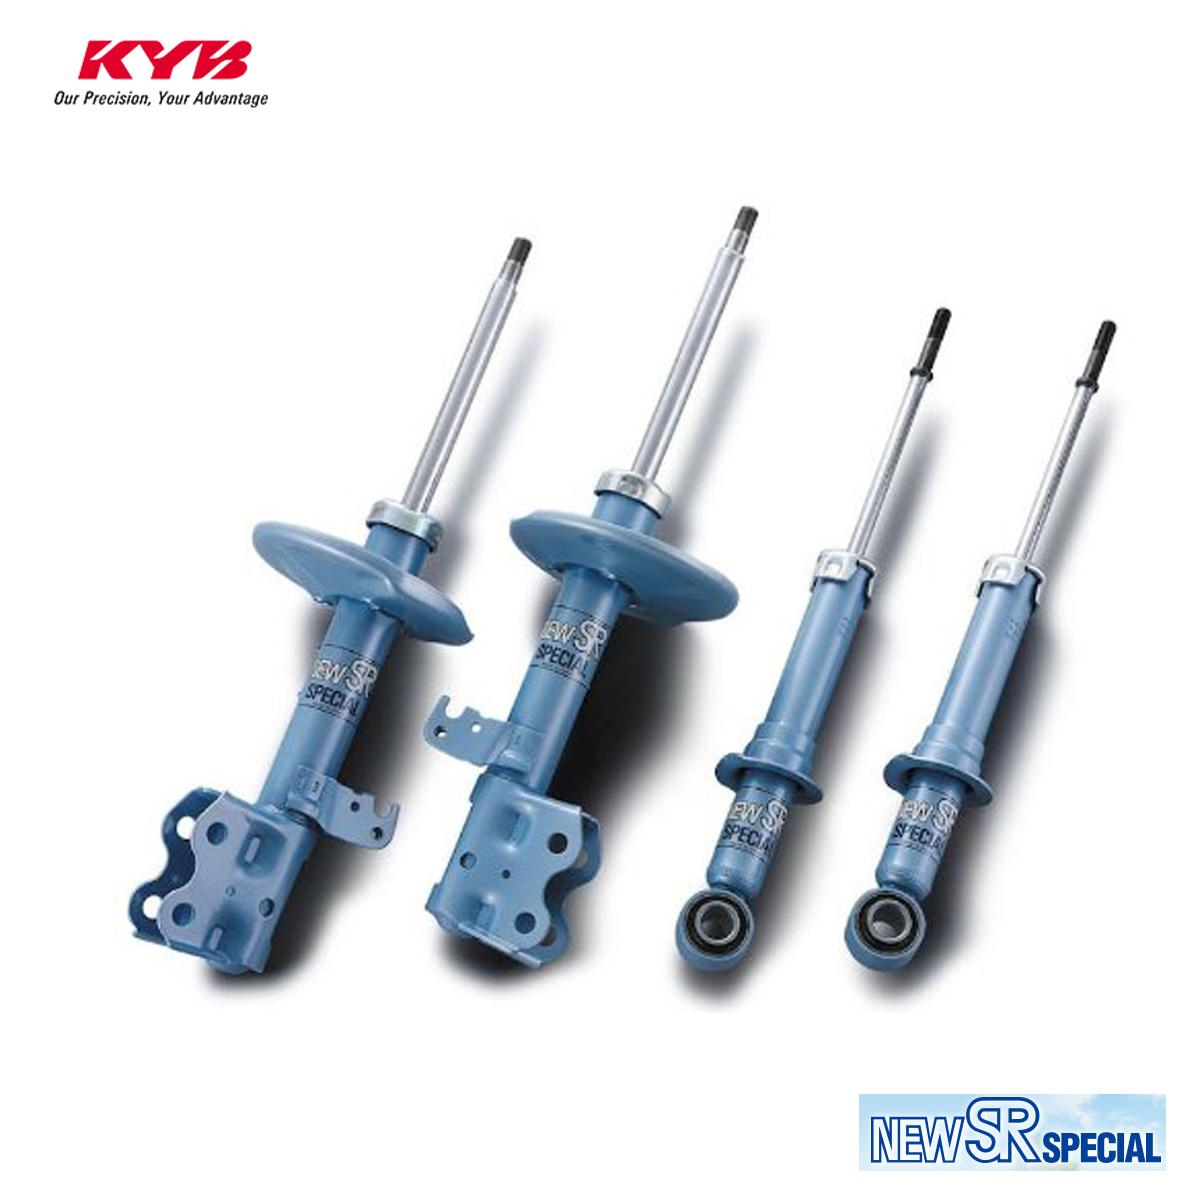 KYB カヤバ SMX RH1 ショックアブソーバー フロント 左用 1本 NEW SR SPECIAL NST3009L 配送先条件有り